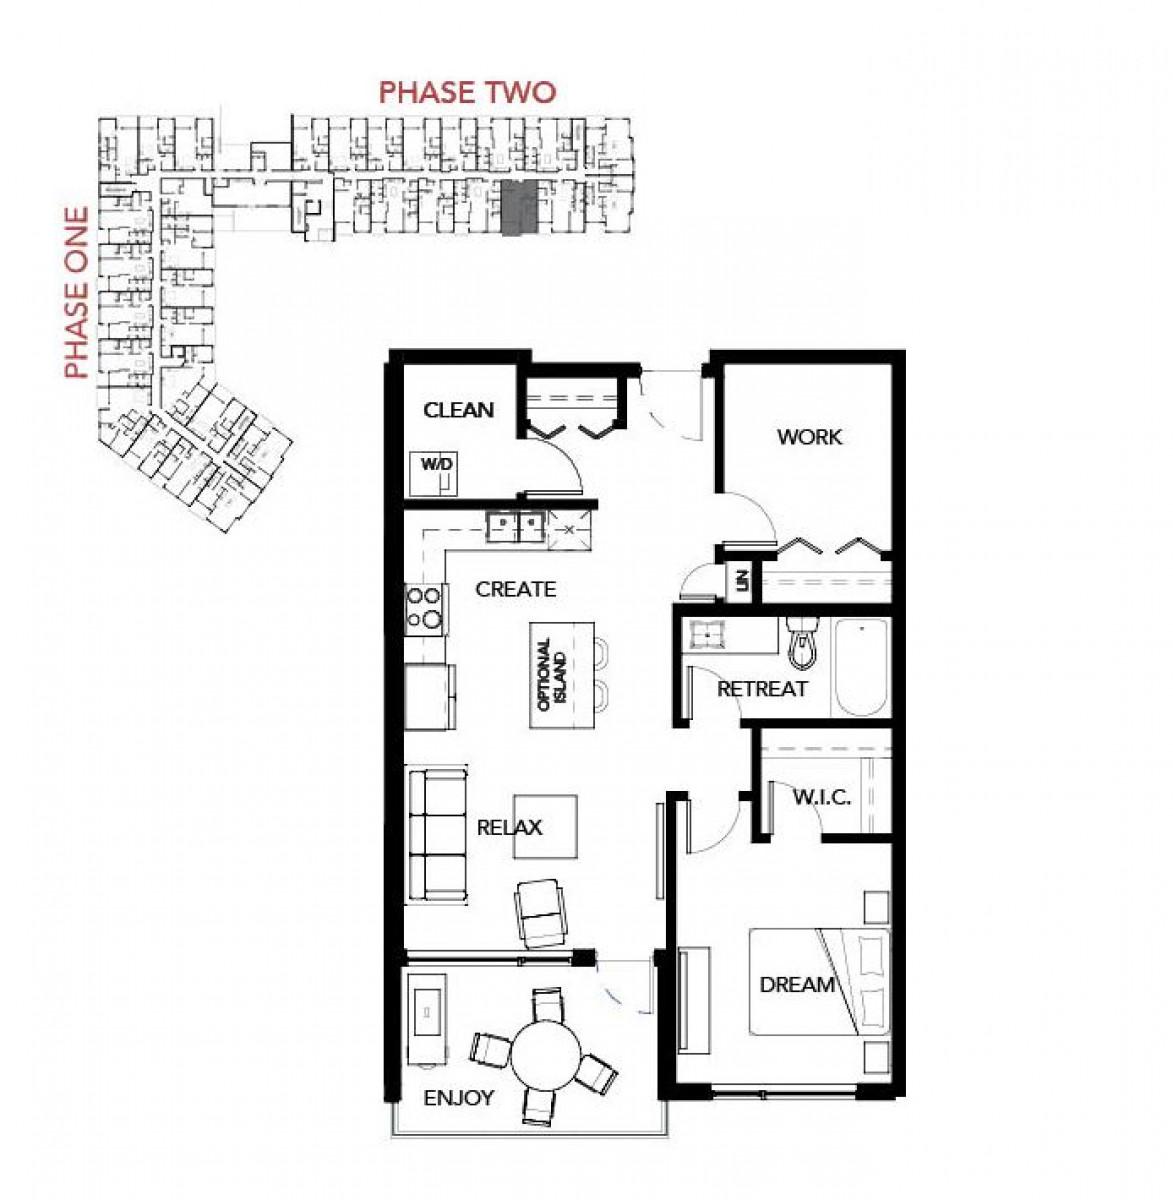 #106 – 105 Willis Crescent Floor Plan